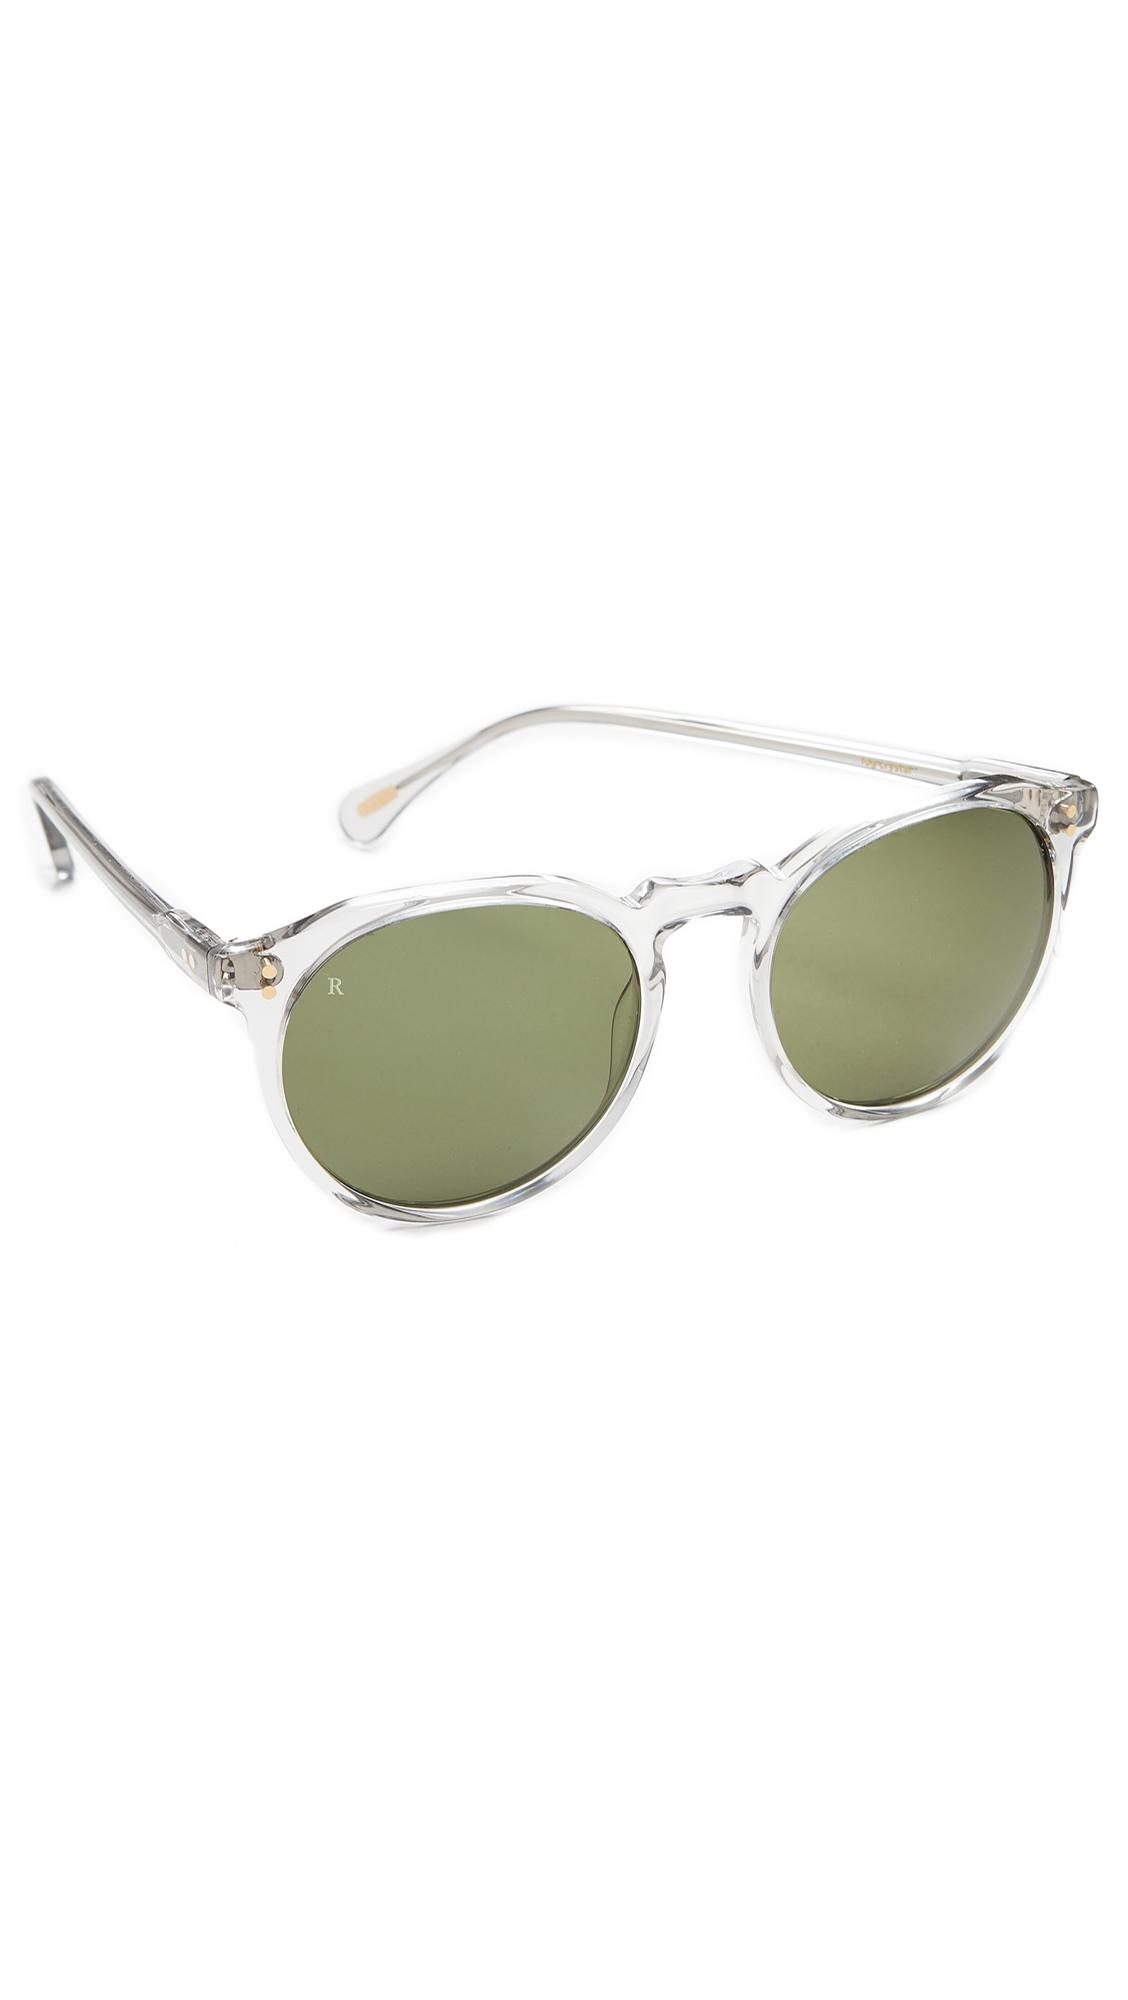 3471fb35f9 Raen Remmy 52 Sunglasses In Fog Green